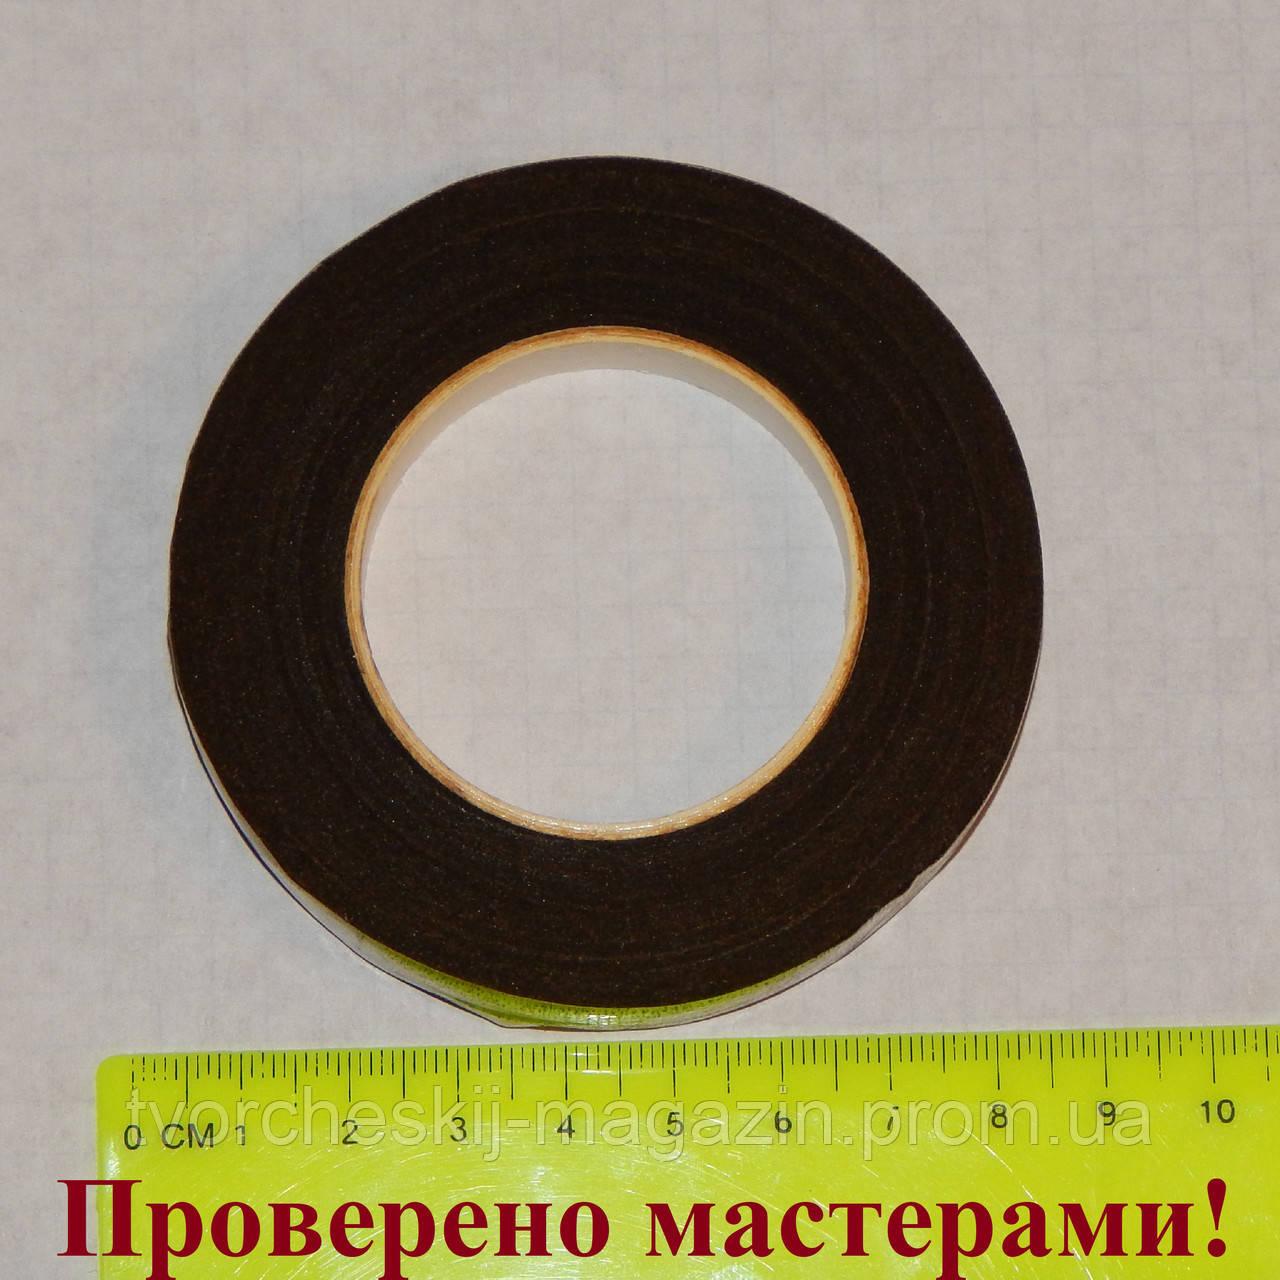 Тейп-Лента коричневая, 27 м, 1,2 см (12 мм) 1 большая бобина